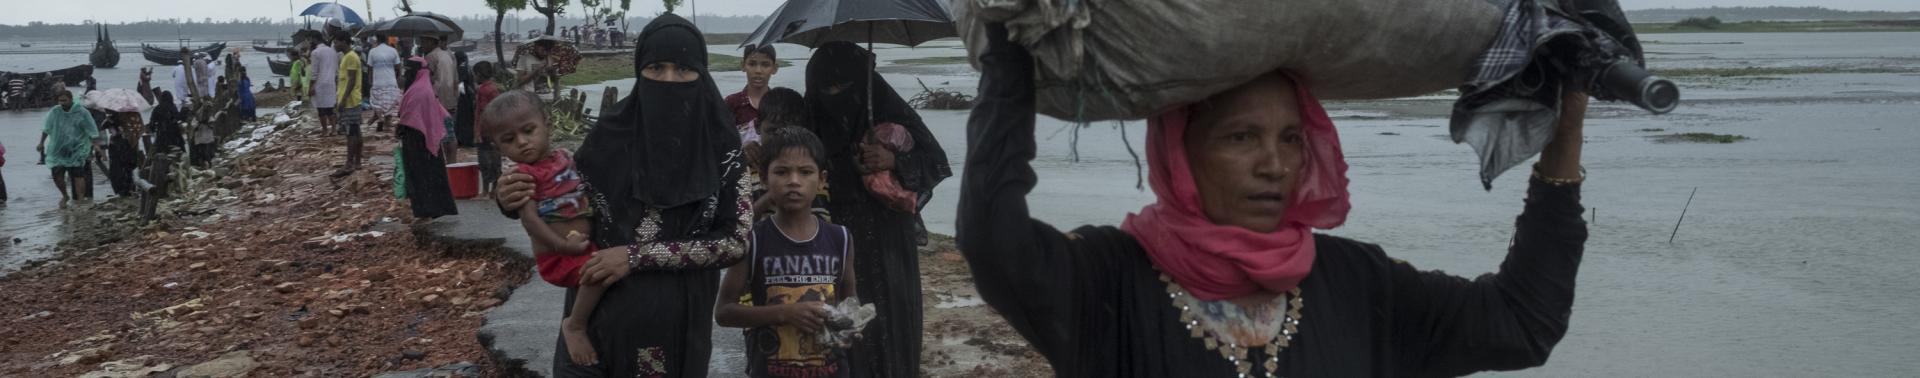 Violência sexual sofrida por rohingyas